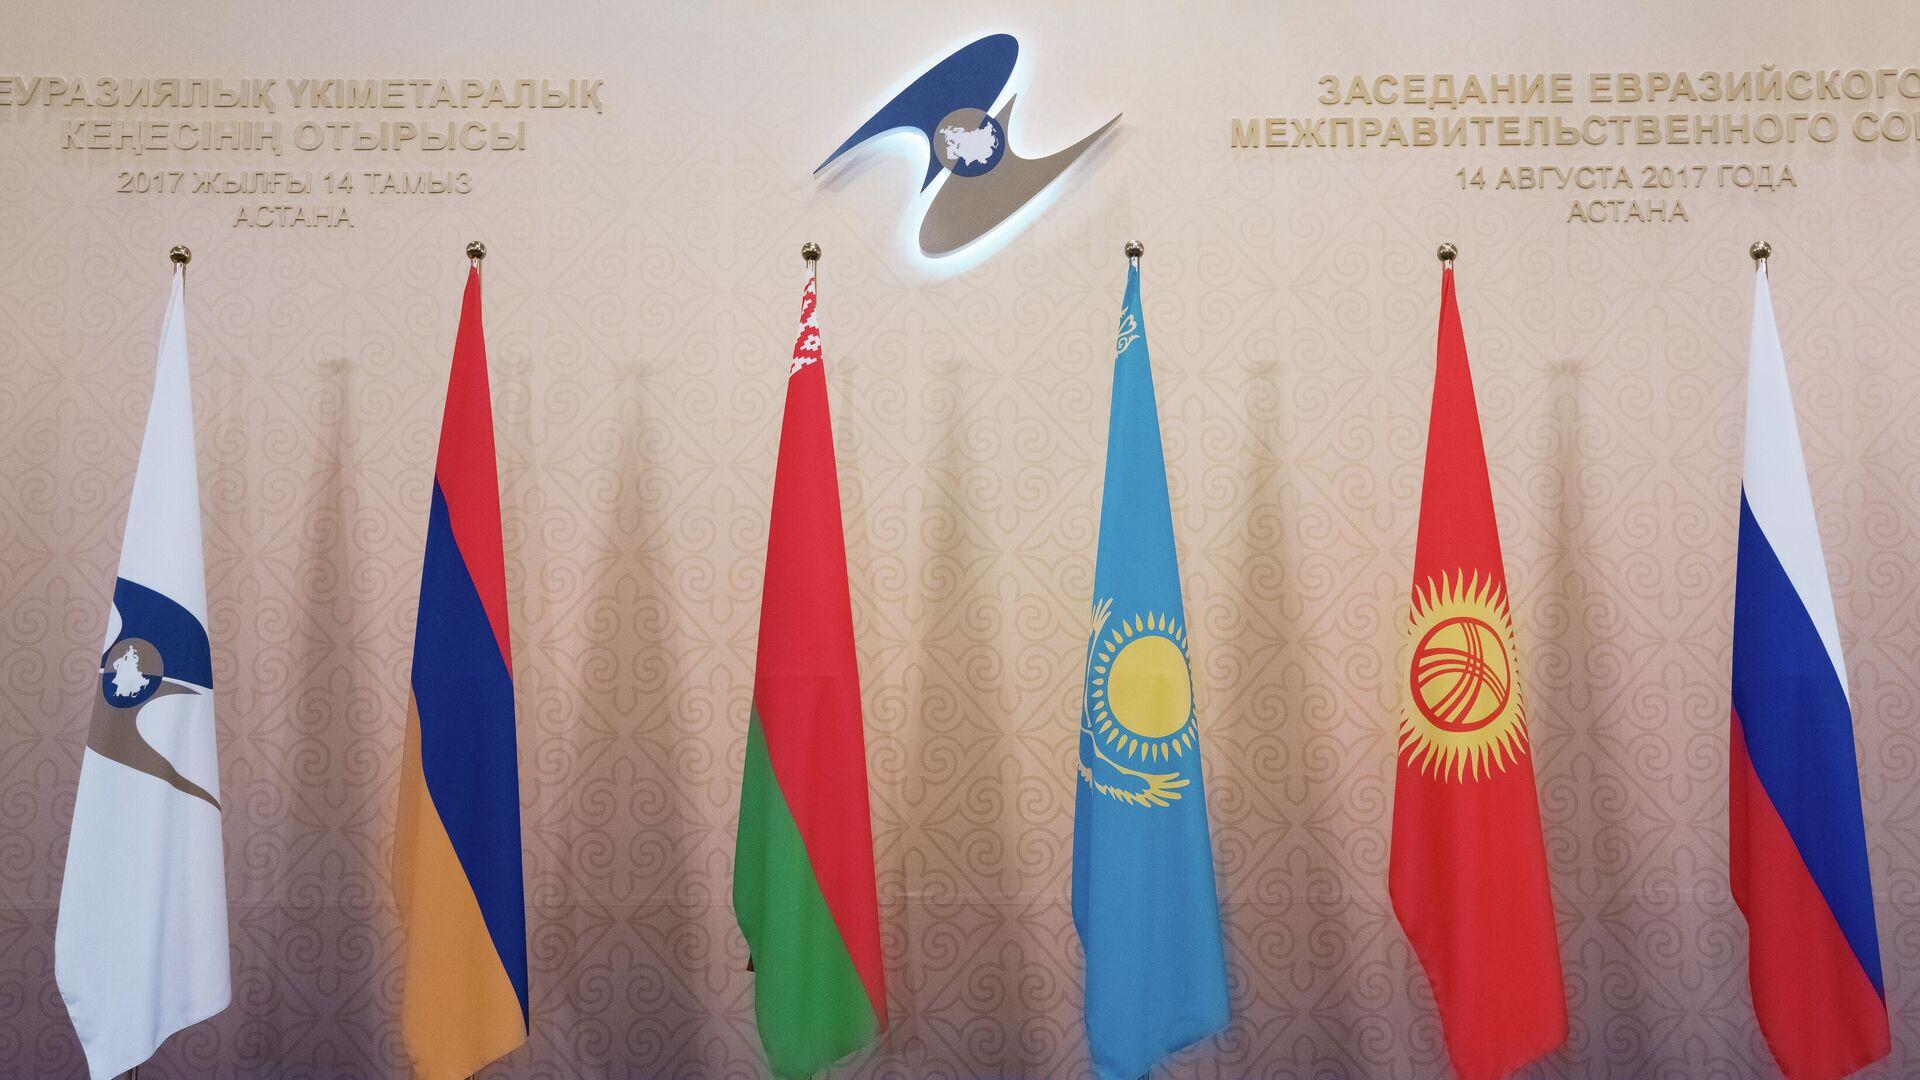 Flagi YEEAS - Sputnik Oʻzbekiston, 1920, 01.09.2021